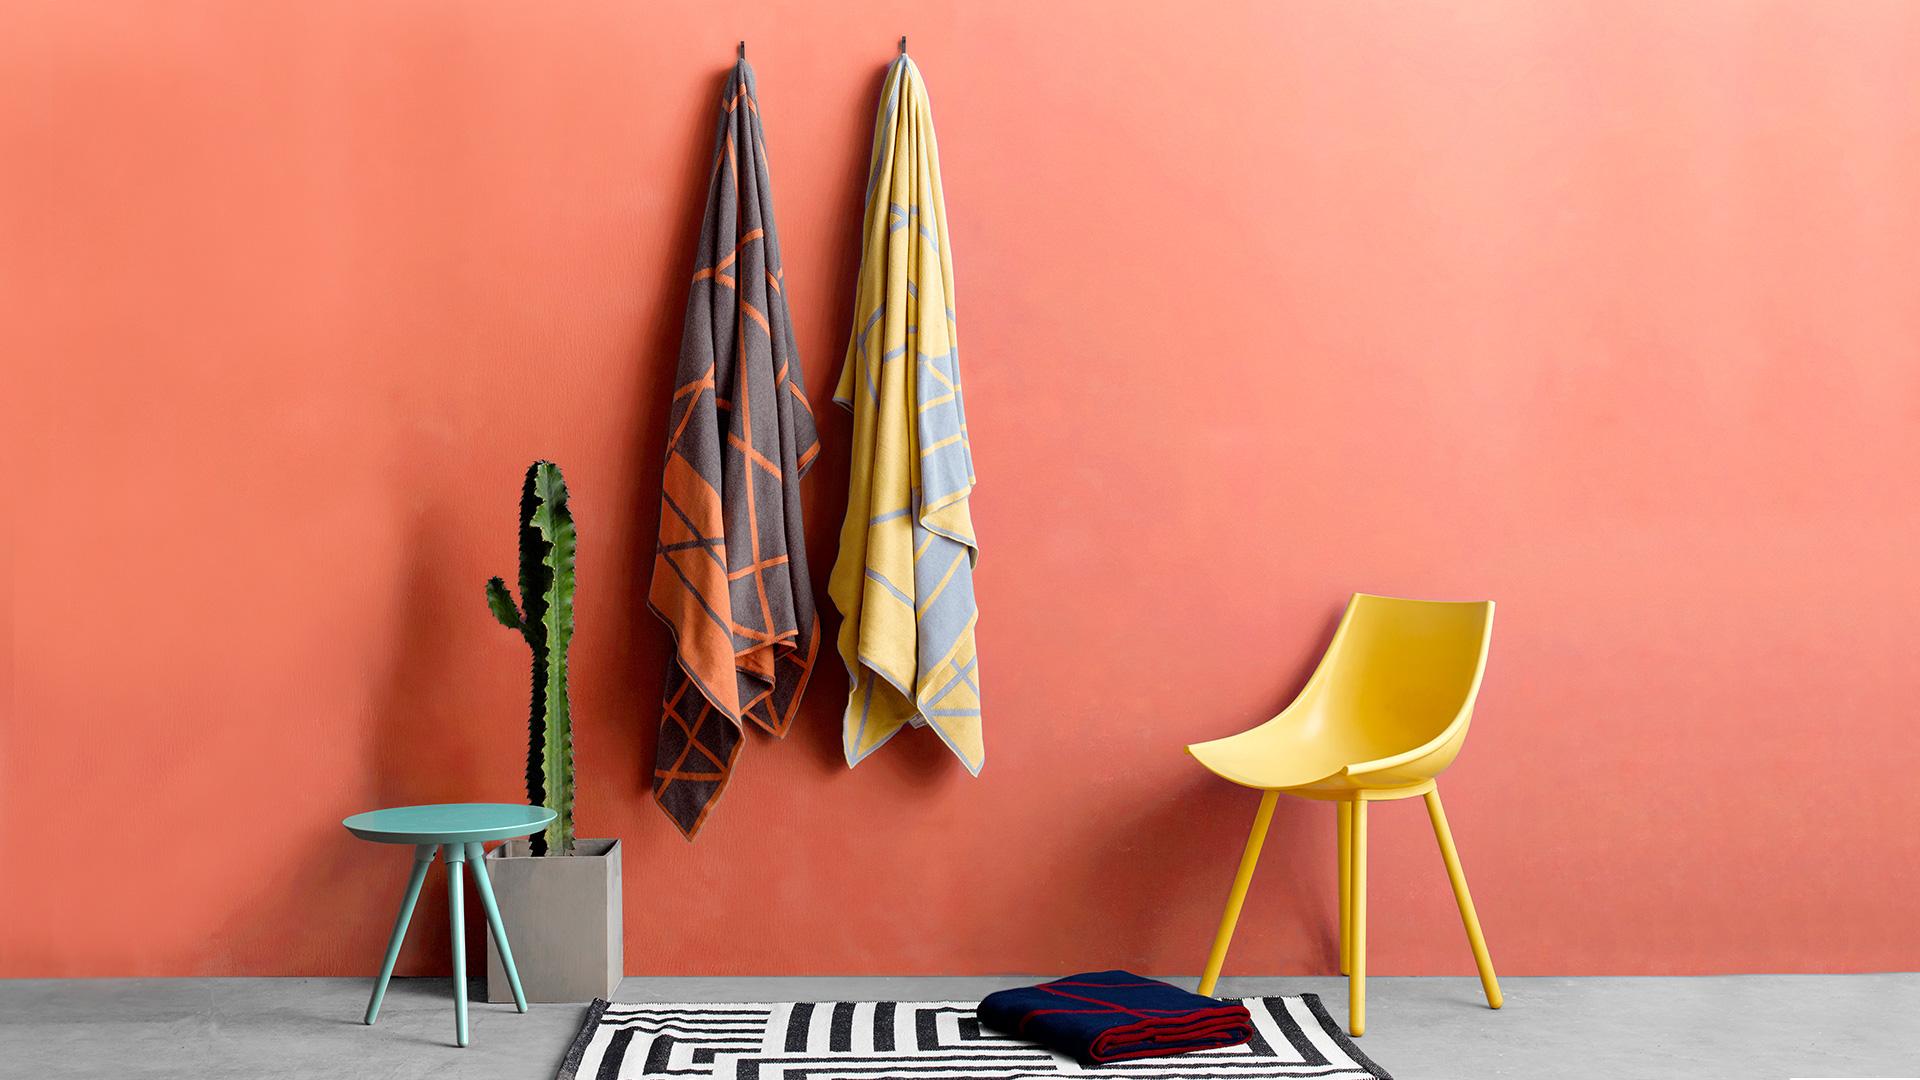 不单是一张盖毯,更是一件随手扔到沙发、床尾就能瞬间提亮整个黯淡空间的饰物。?x-oss-process=image/format,jpg/interlace,1